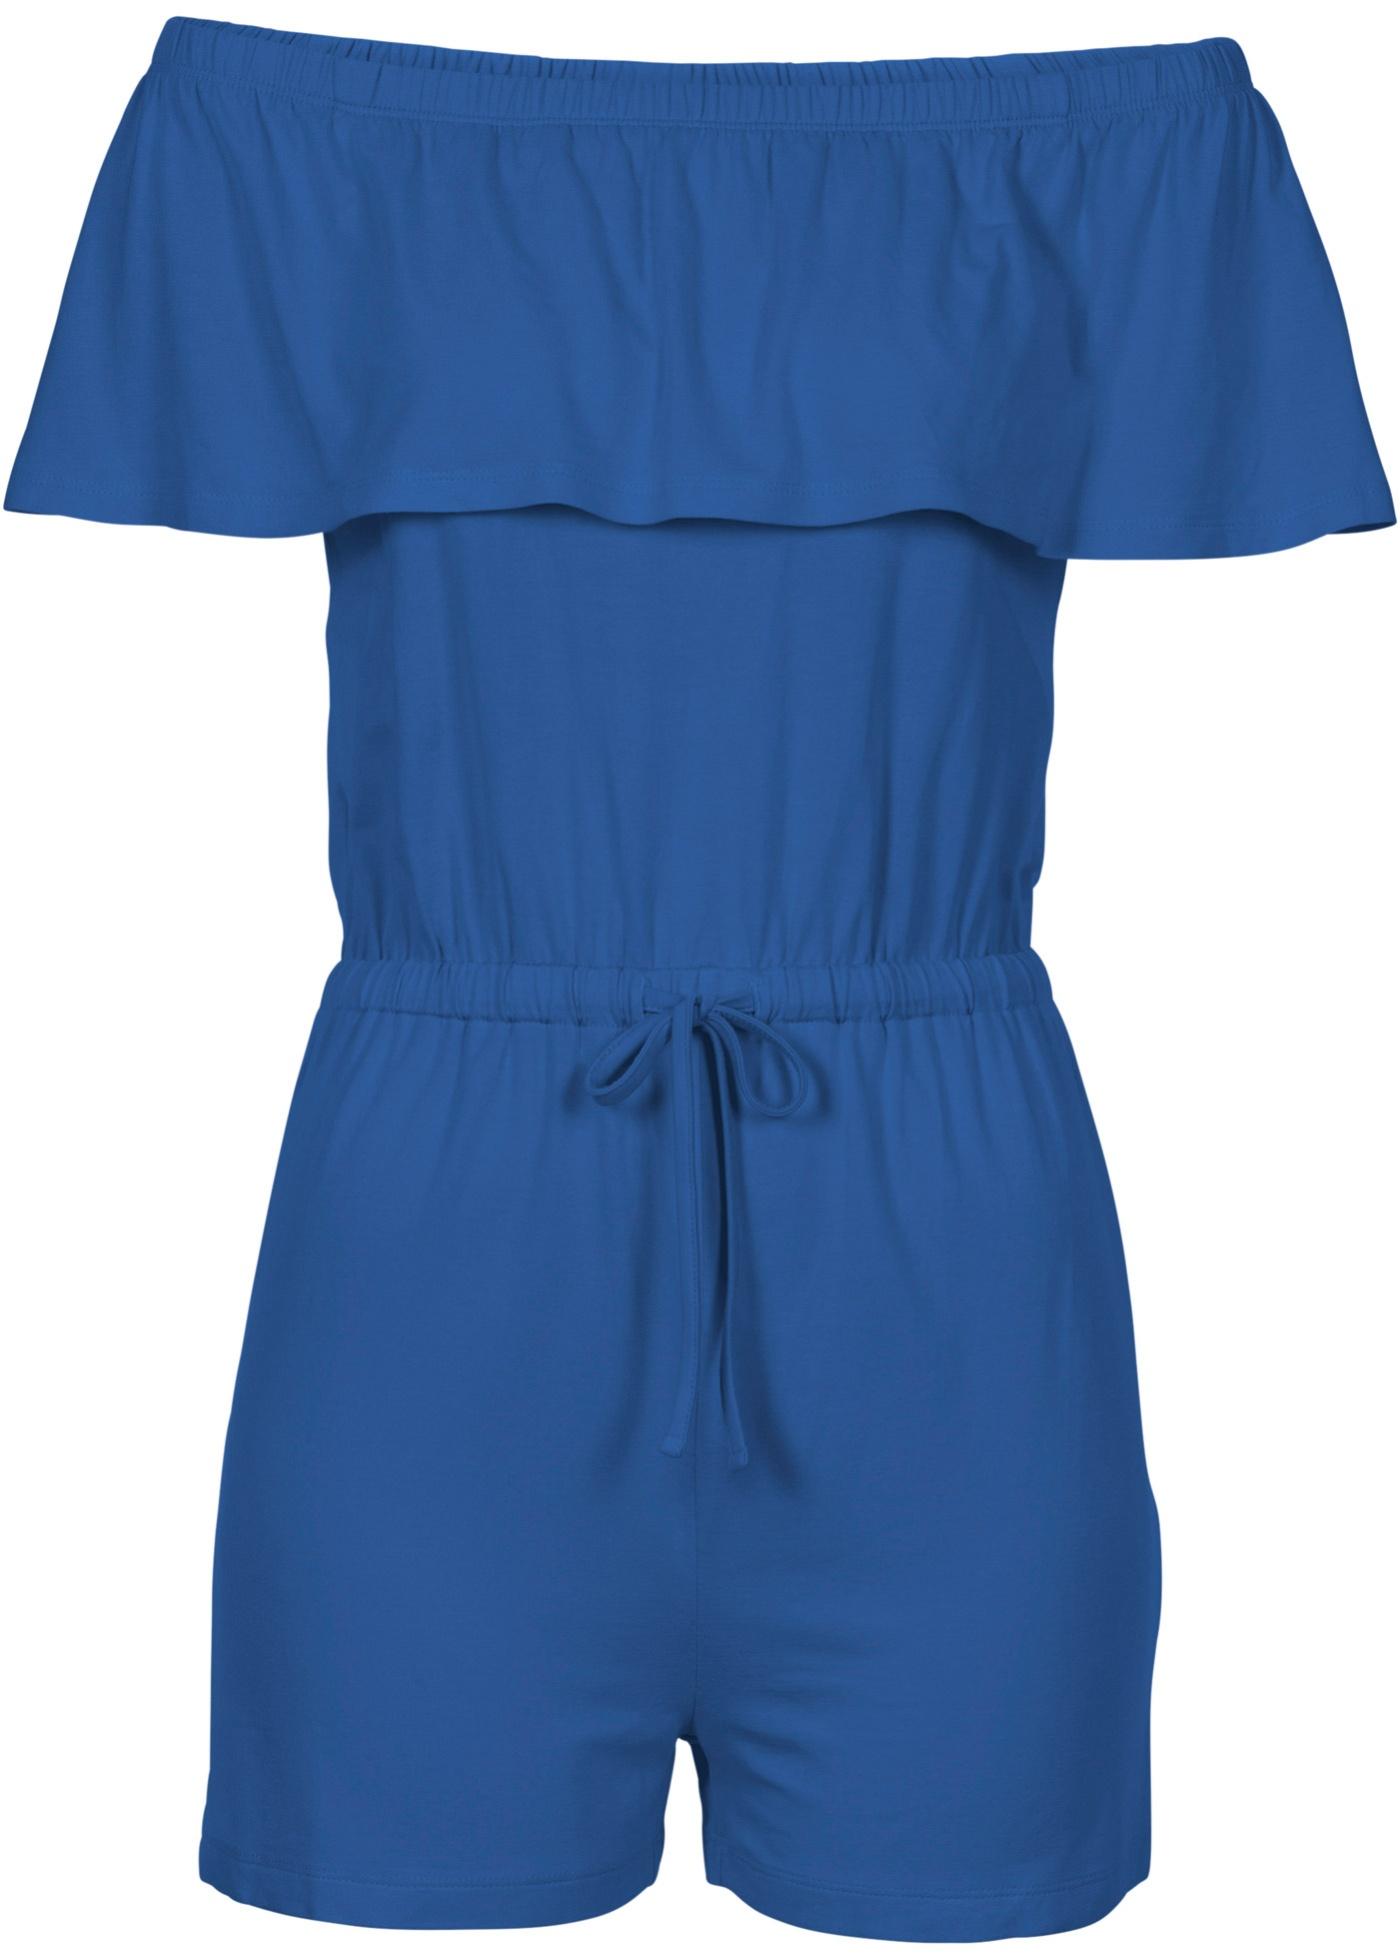 BODYFLIRT boutique Overall in blau von bonprix